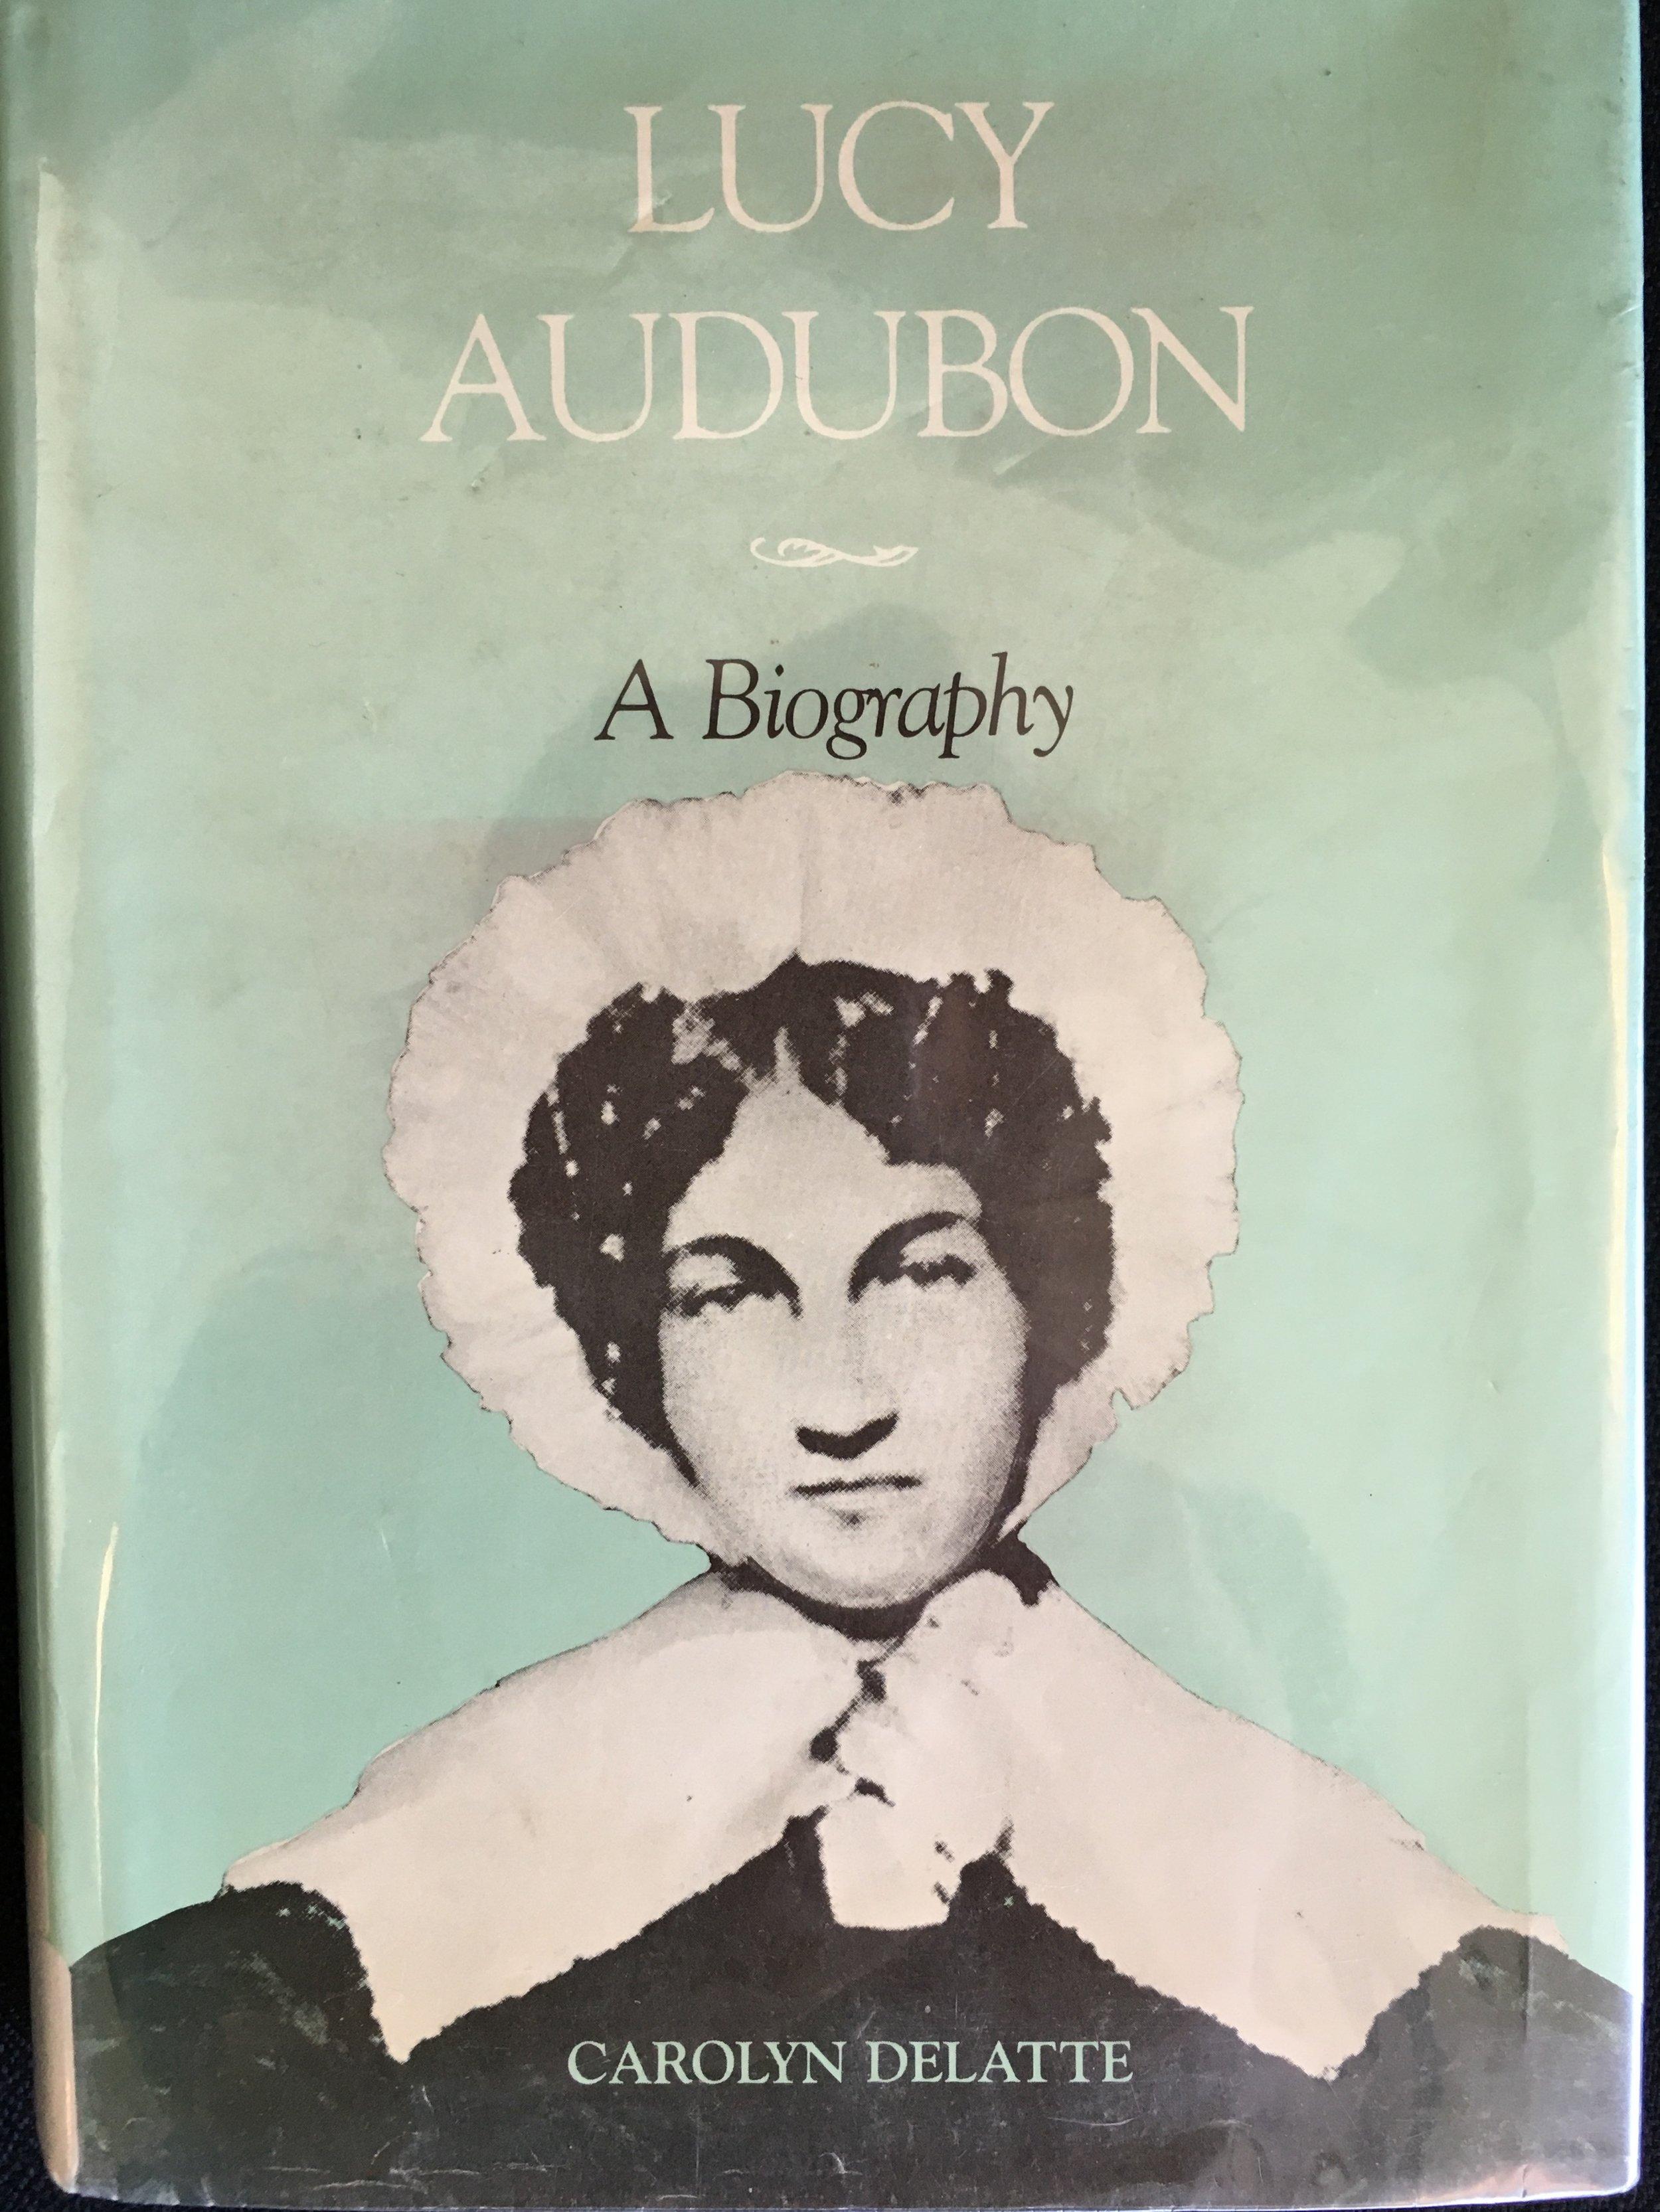 Lucy Audubon.jpg